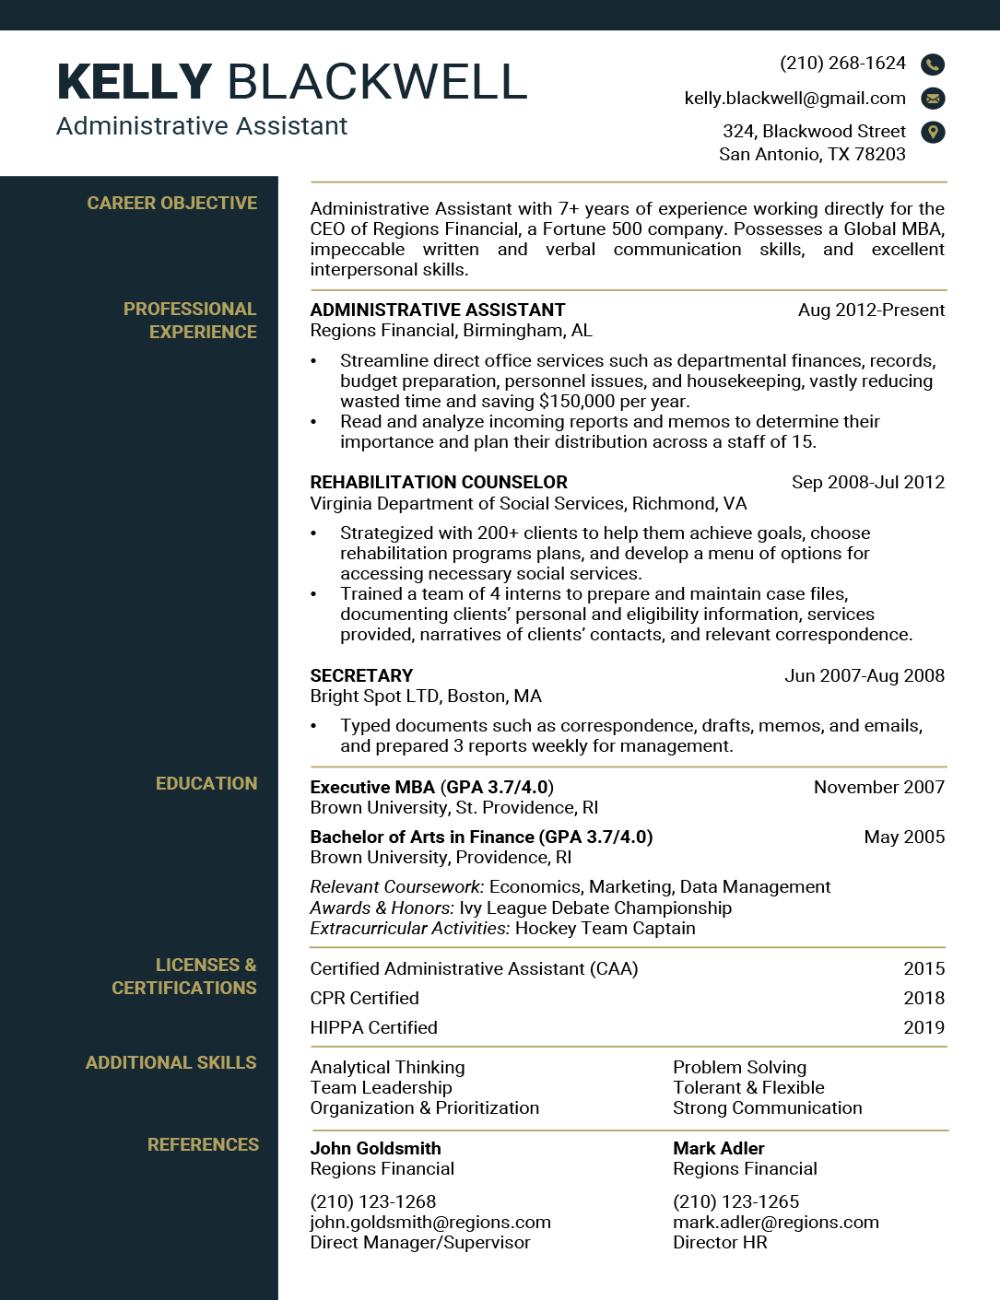 Resume Builder in 2020 Free resume template word, Best